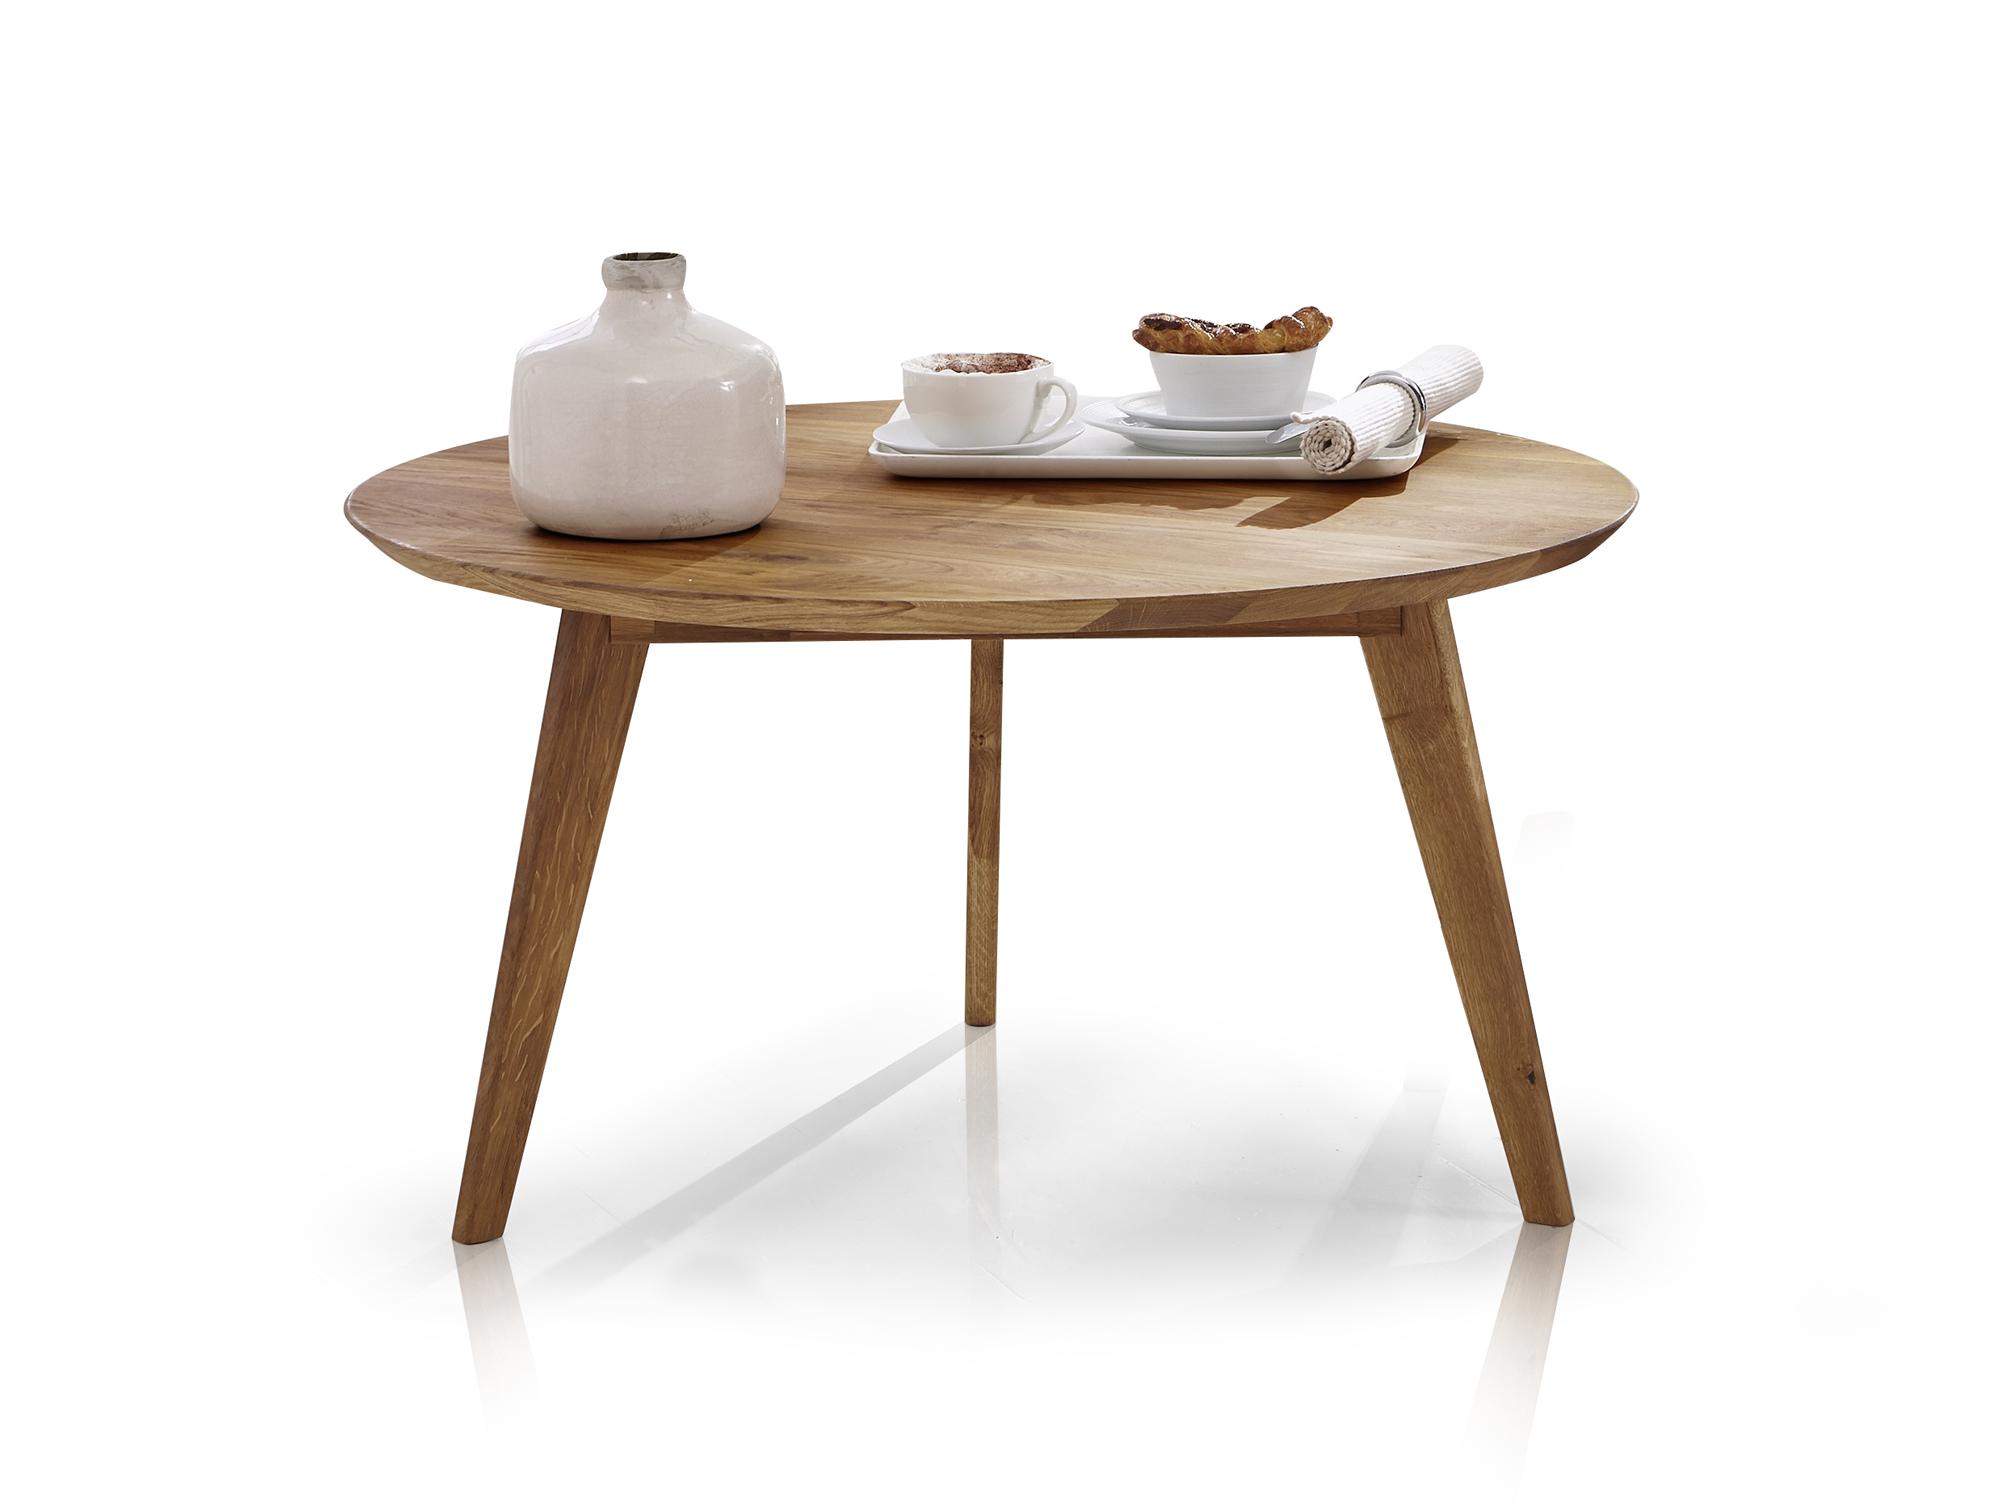 austin couchtisch beistelltisch wohnzimmertisch tisch kernbuche rund 70 cm ebay. Black Bedroom Furniture Sets. Home Design Ideas